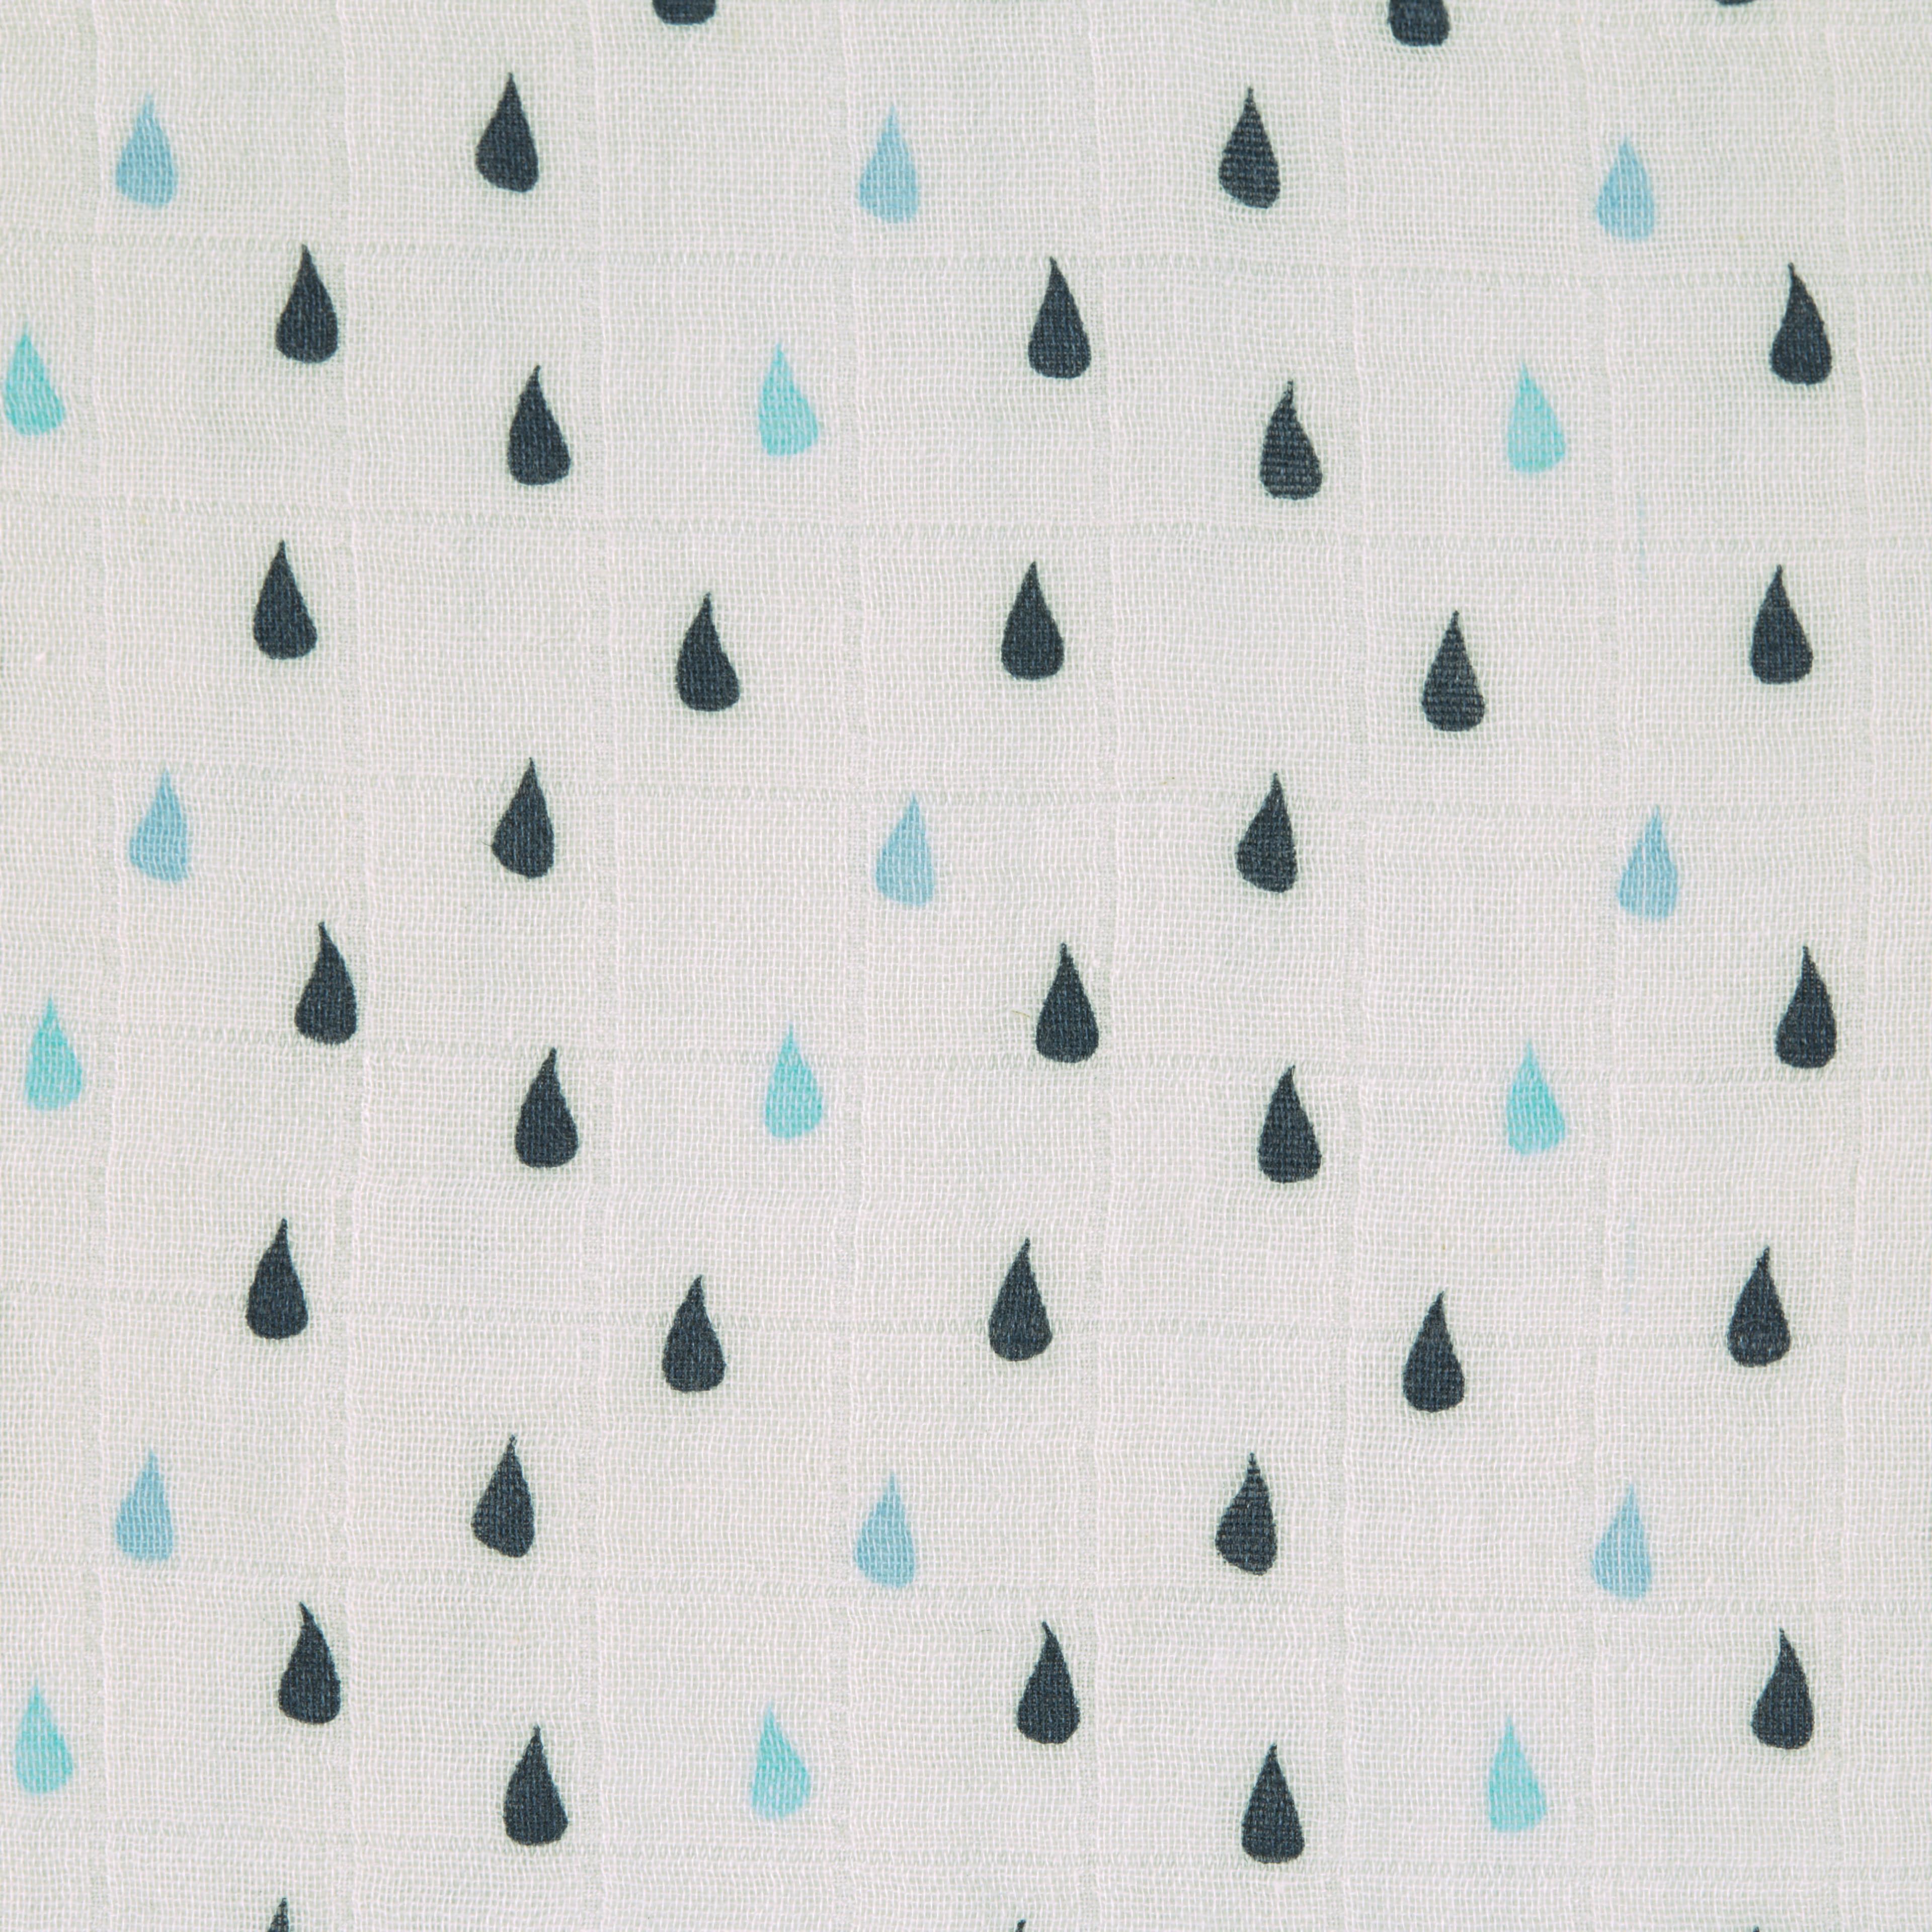 Blaue Regentropfen als Detail von Mulltuch.